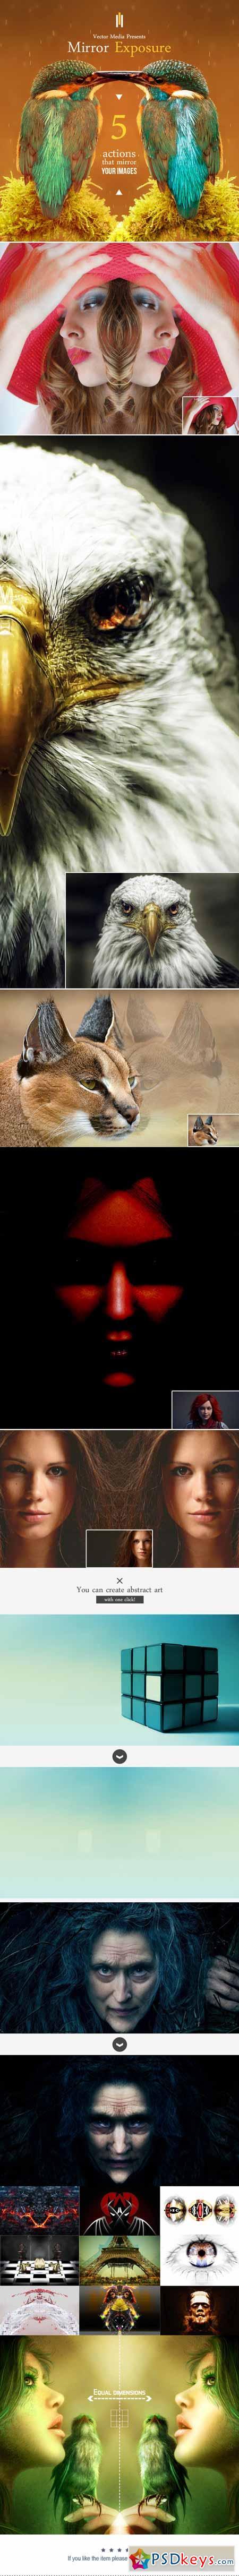 Mirror Exposure - Photoshop Actions 12943301